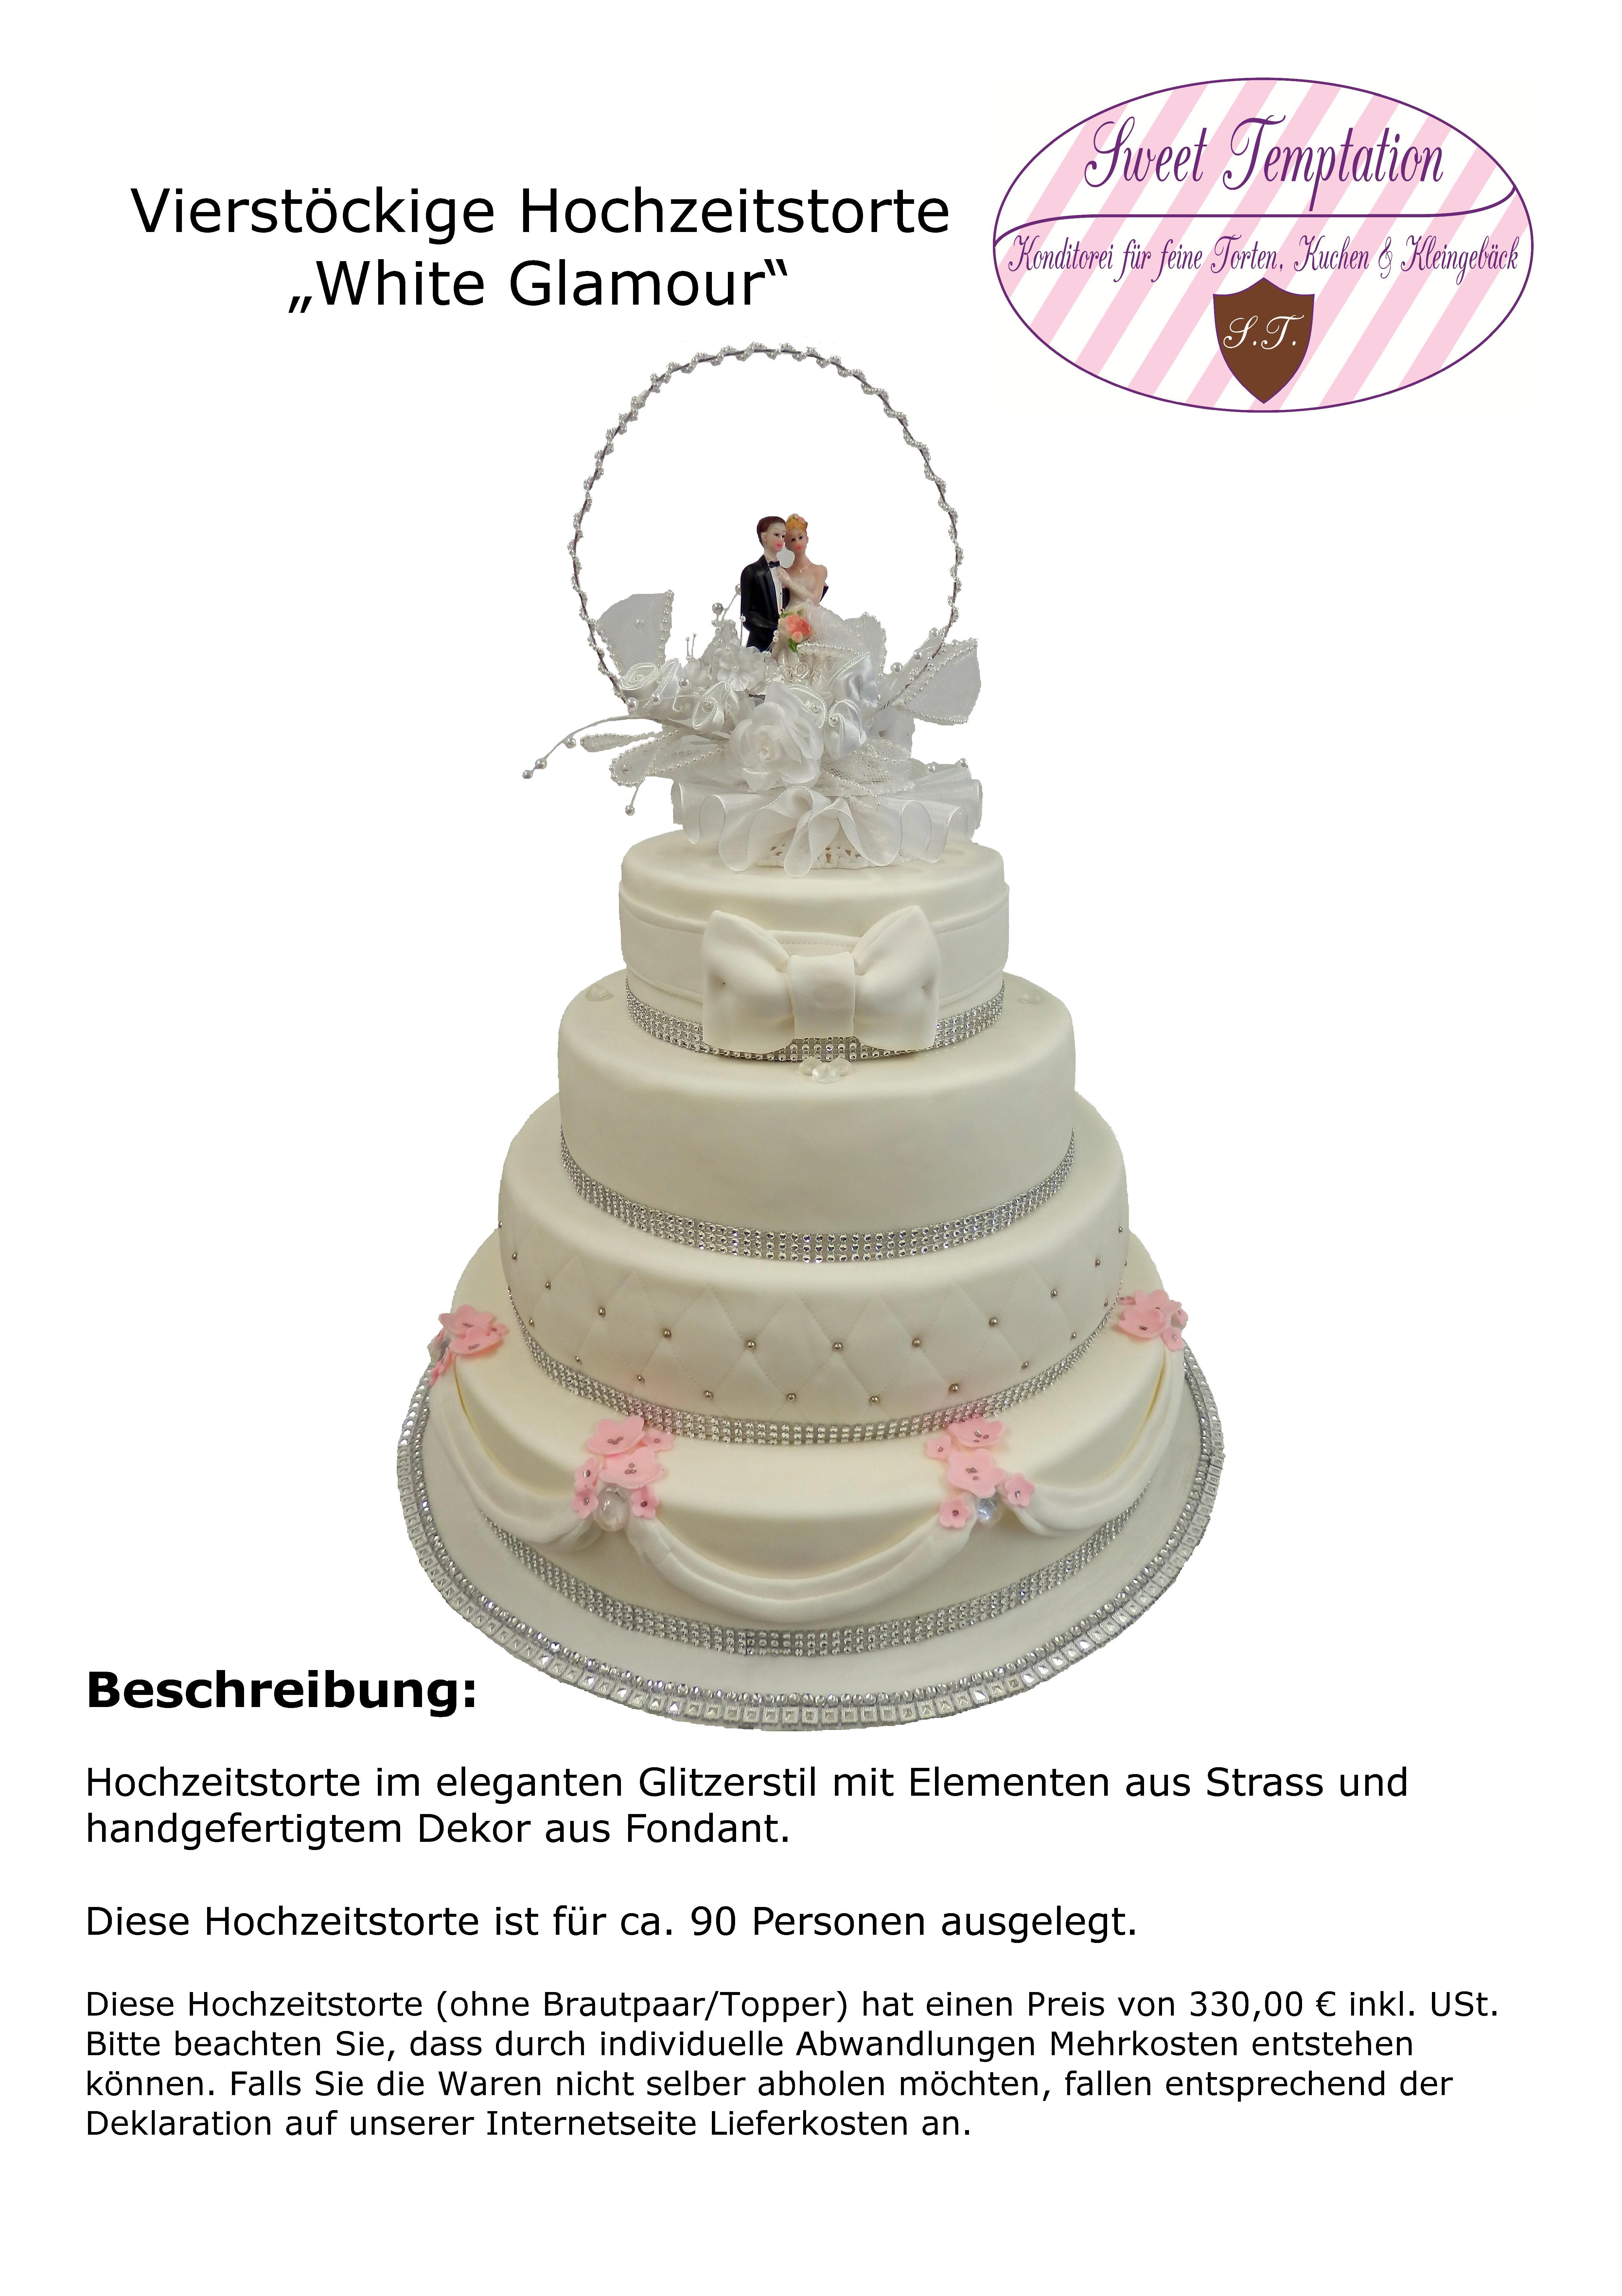 Konditorei Sweet Temptation Fur Hochzeitstorten Motivtorten